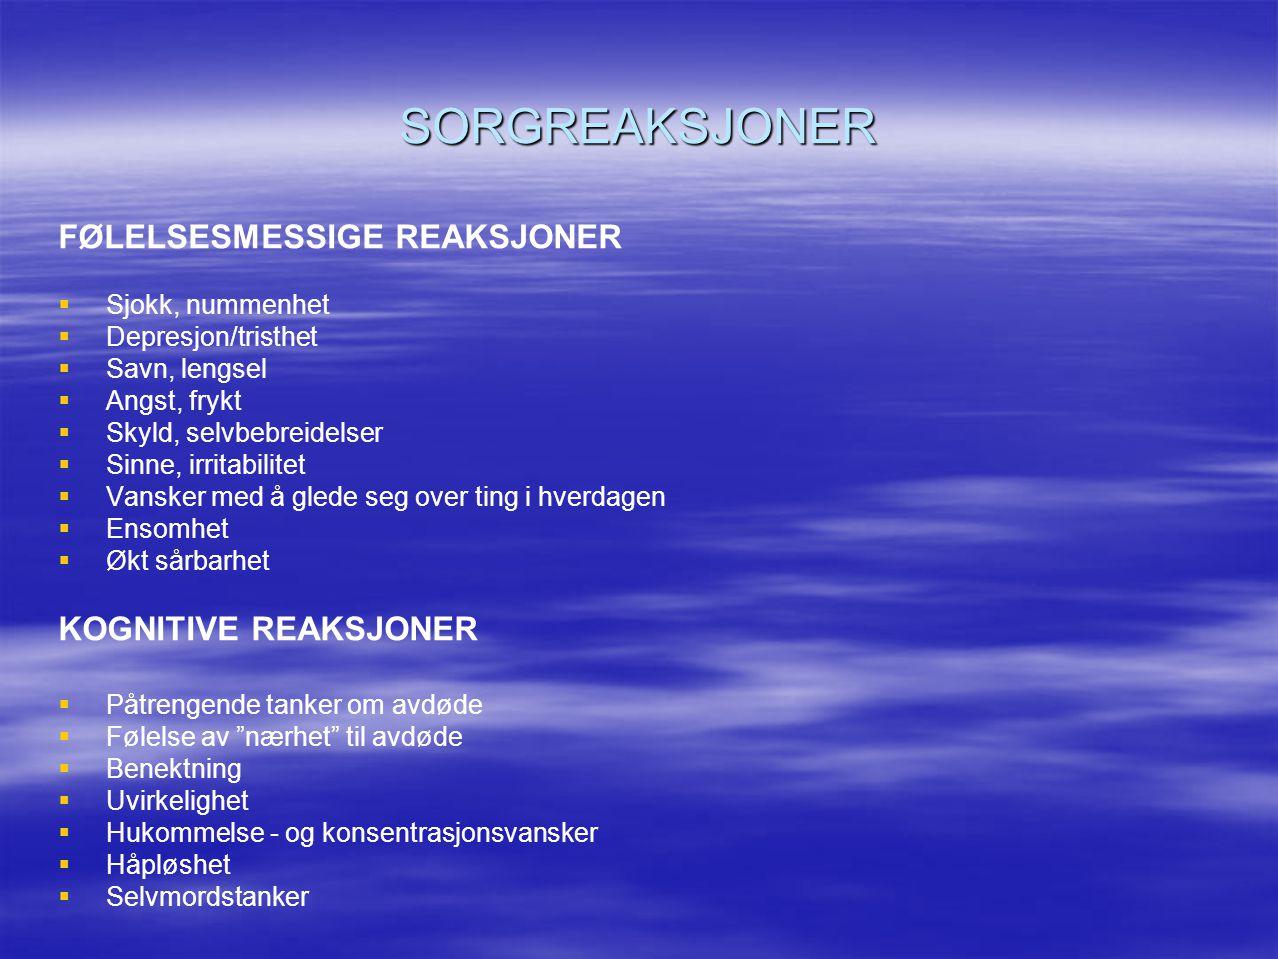 SORGREAKSJONER FØLELSESMESSIGE REAKSJONER KOGNITIVE REAKSJONER